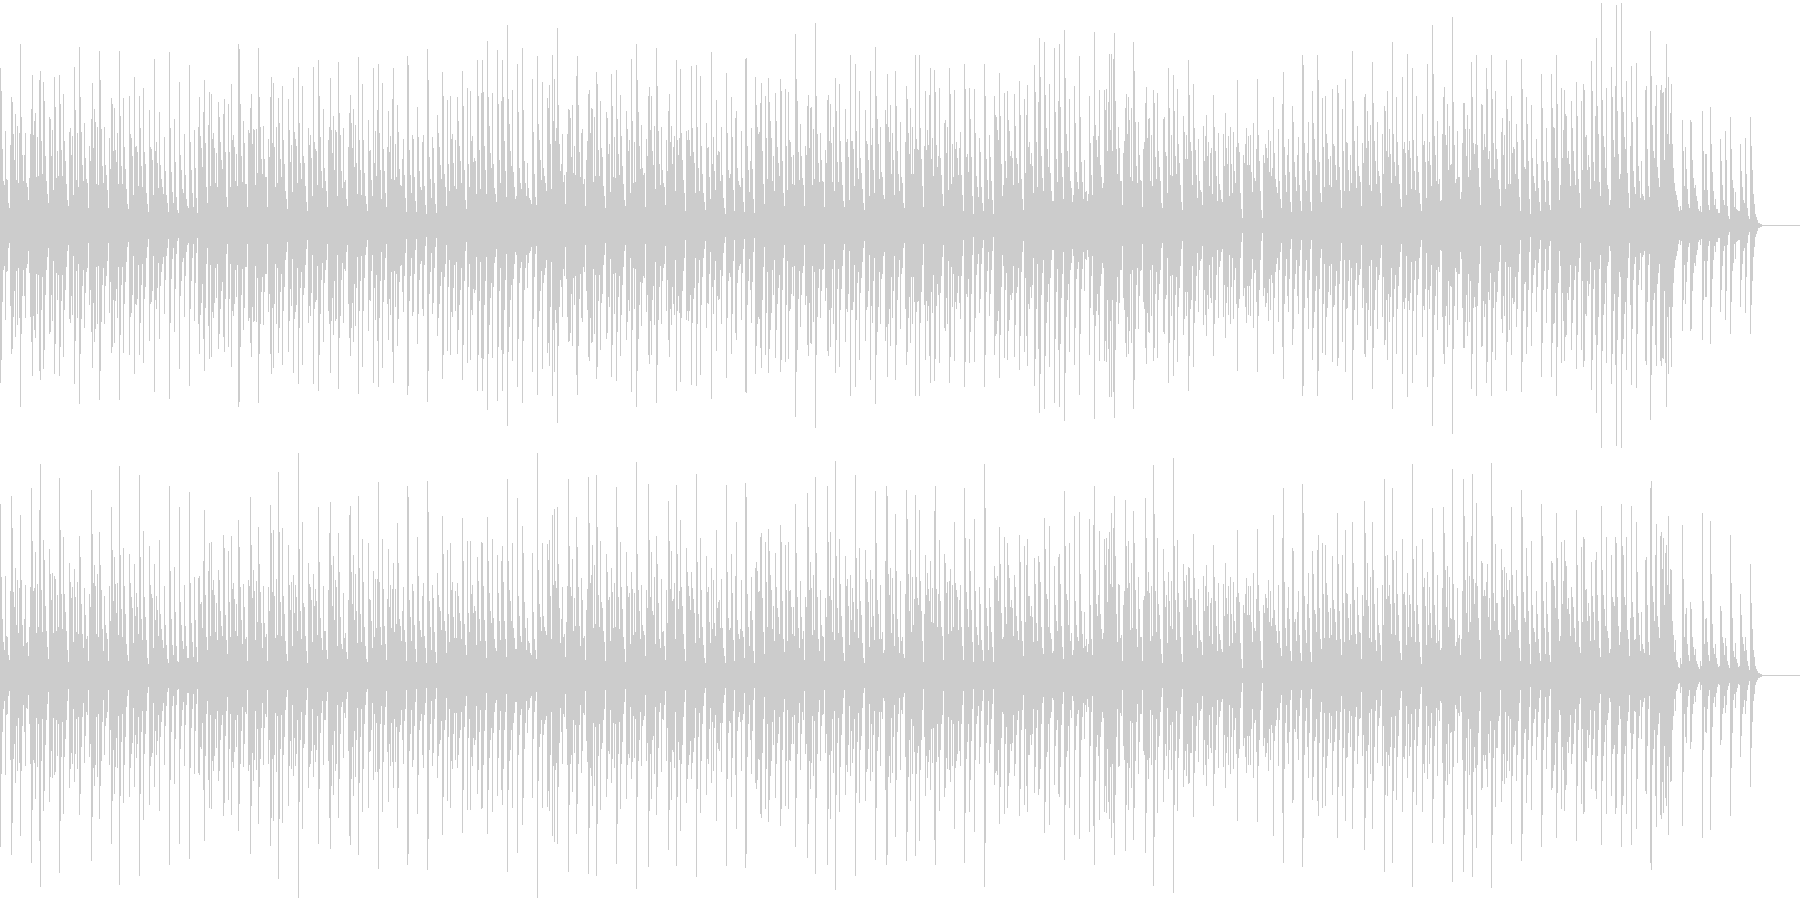 ゆったりして滑らかなジャズの未再生の波形